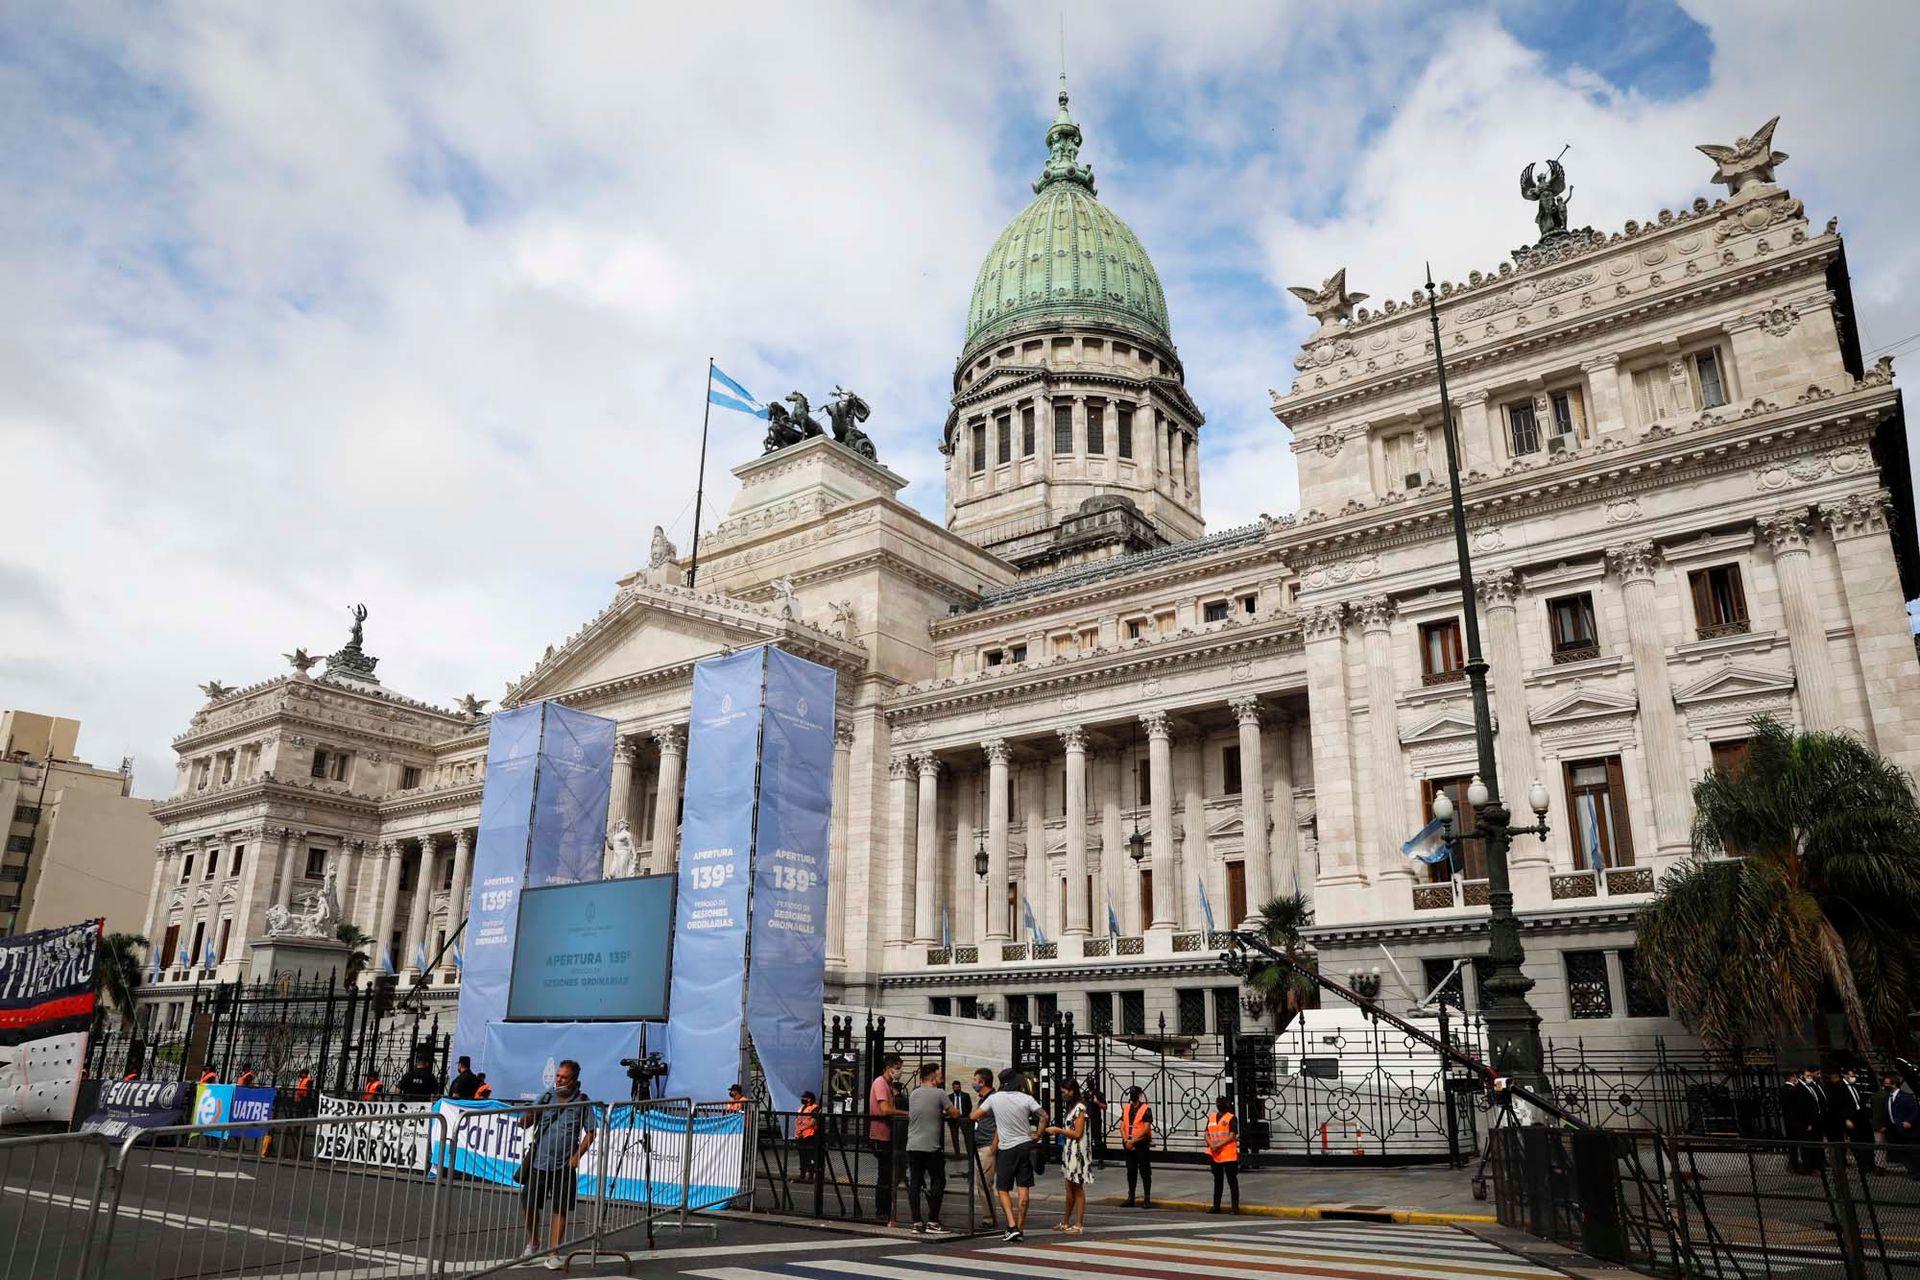 El Congreso de La Nación preparado para la apertura de las sesiones legislativas